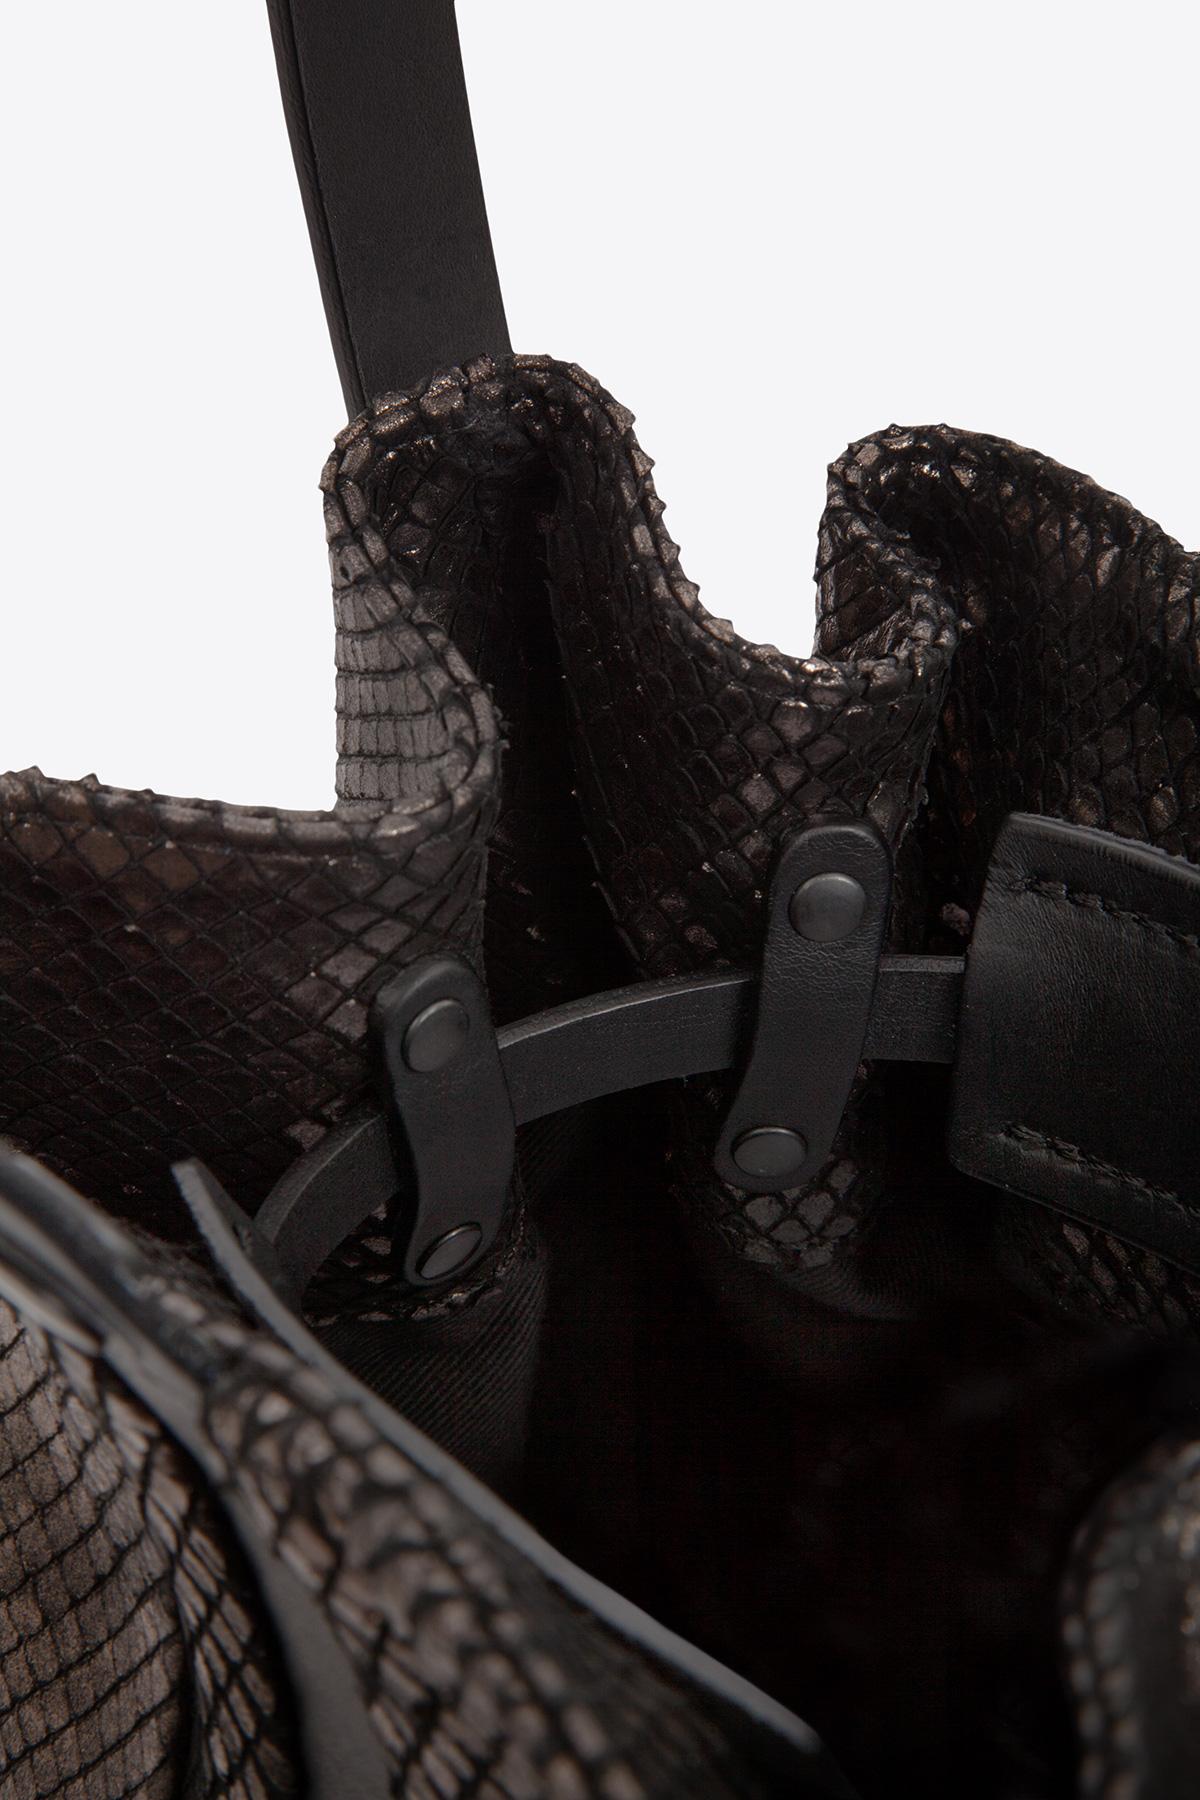 dclr010-bucketbag-a24-backsnakebronze-detail